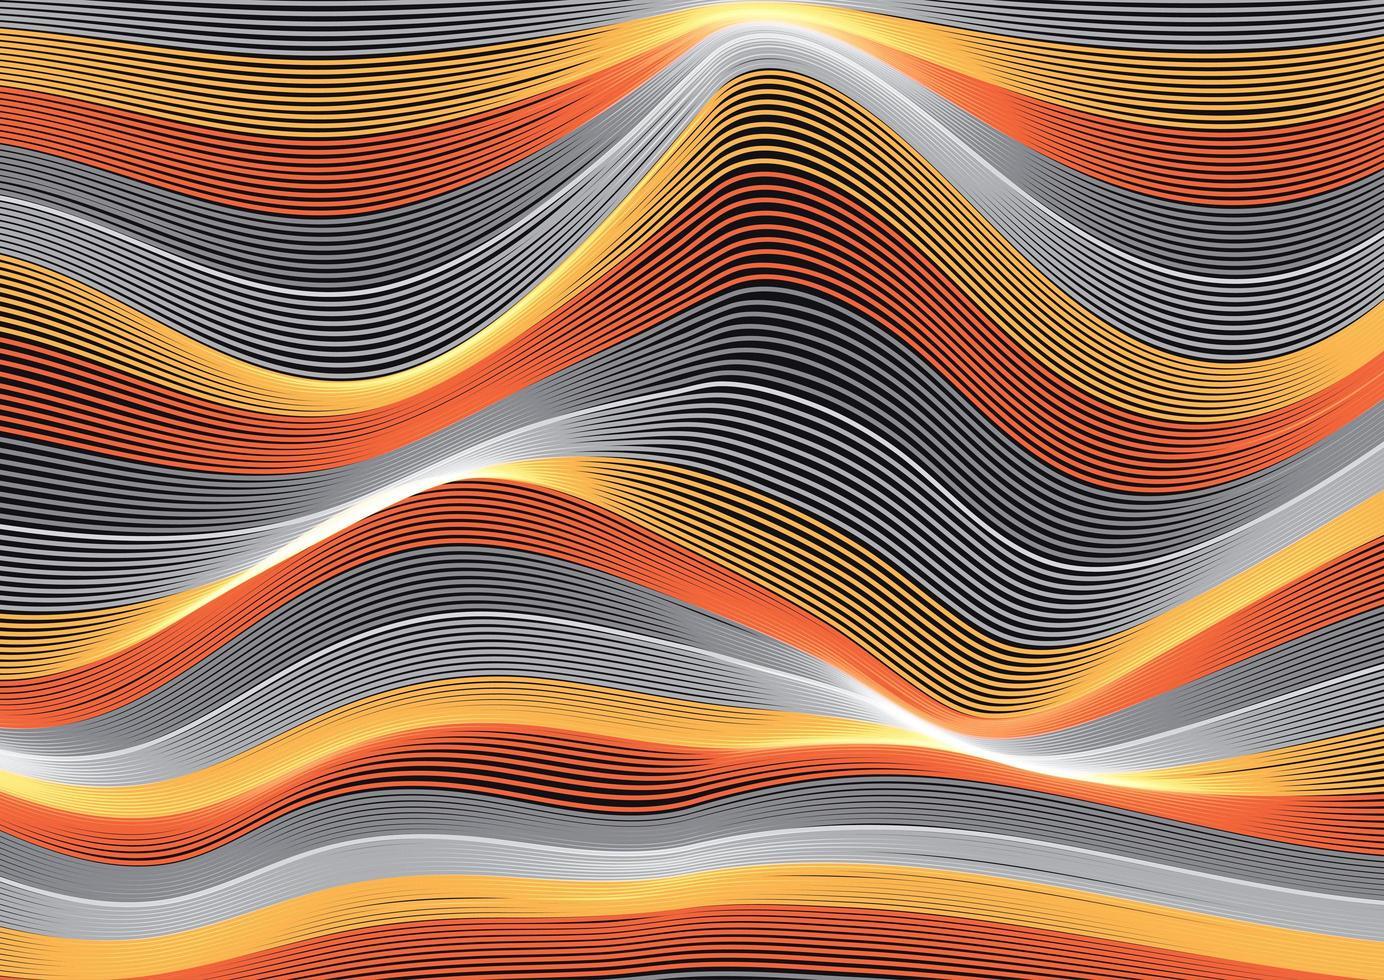 ondas de linhas fluidas vetor